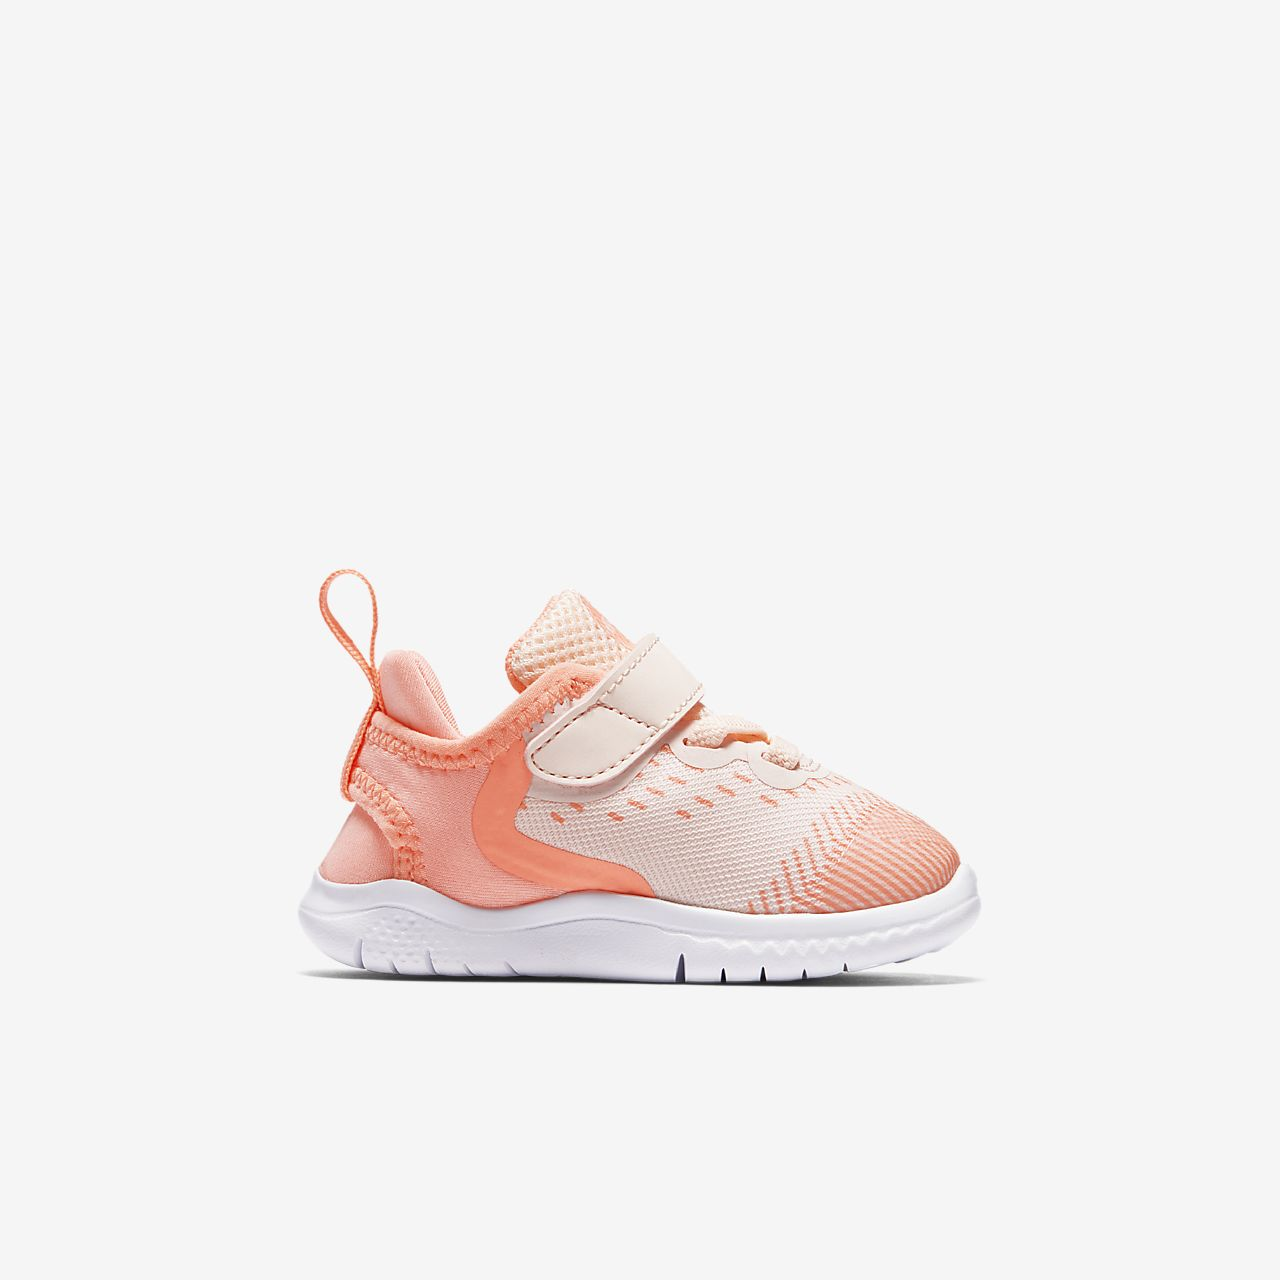 best sneakers 62ab2 427f3 ... Sko Nike Free RN 2018 för baby små barn